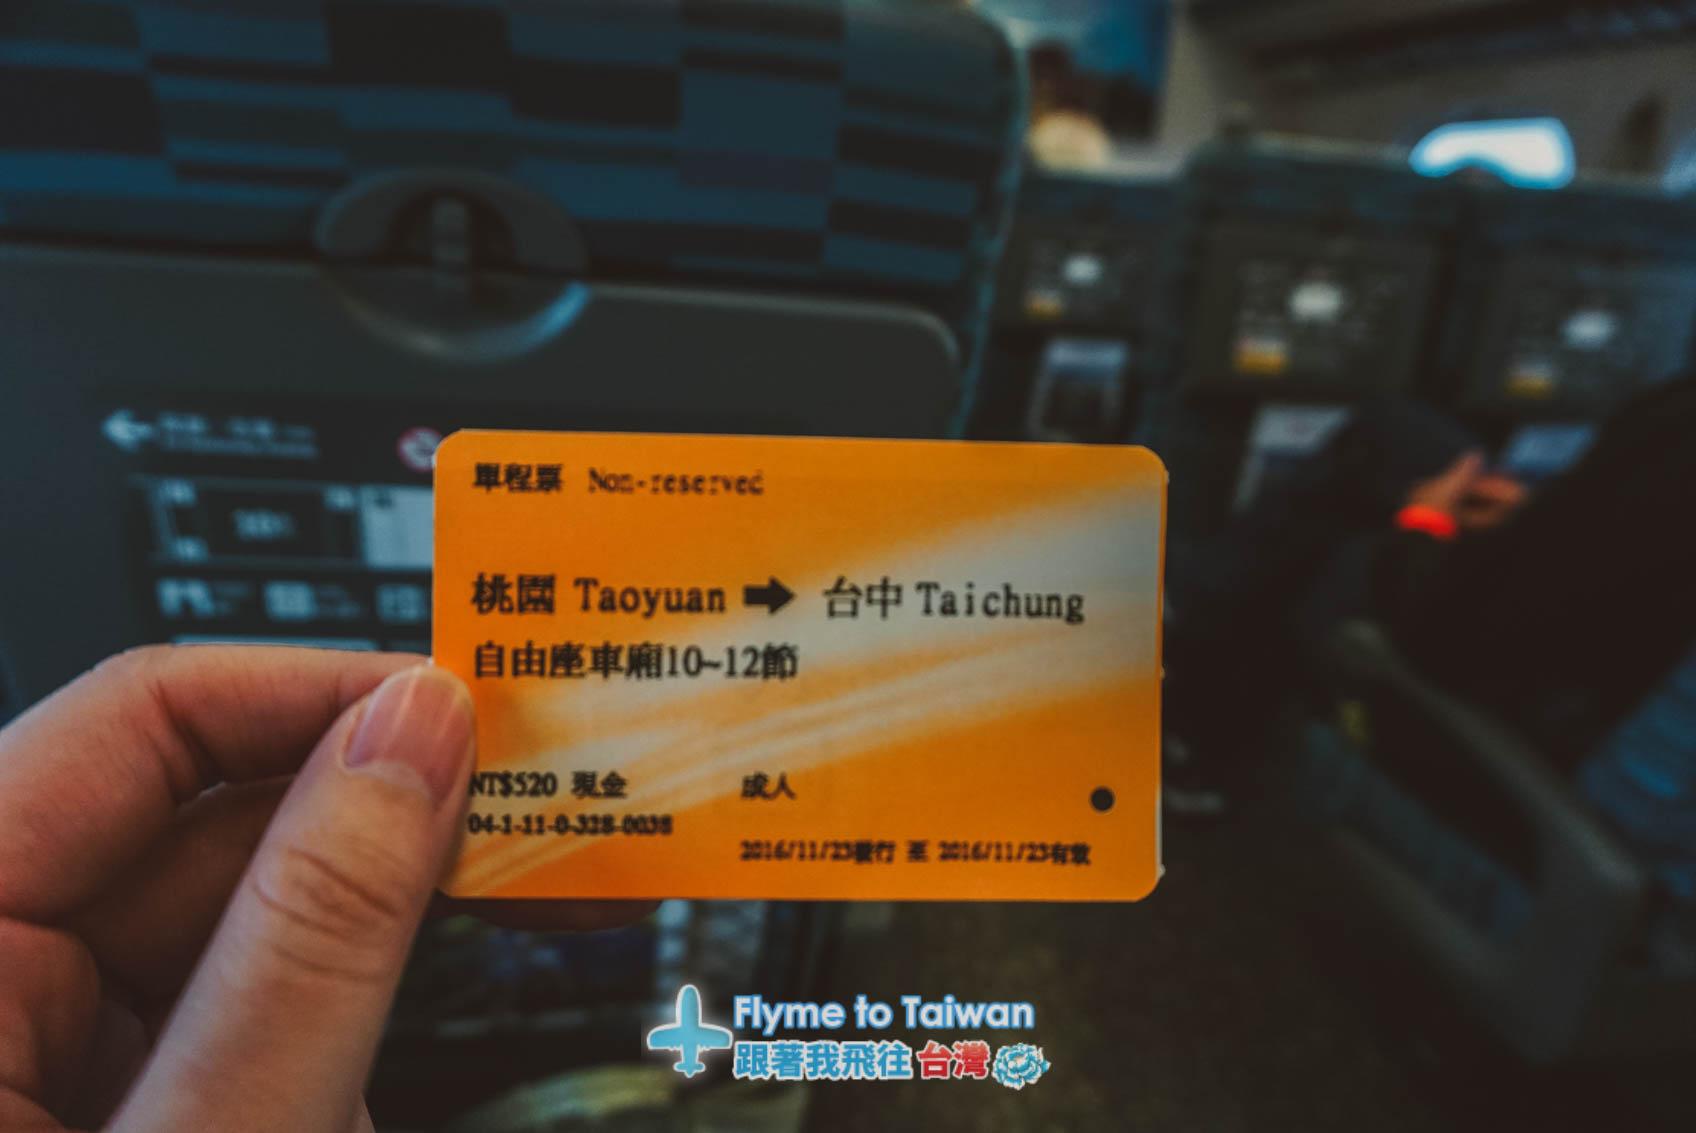 ขึ้นรถไฟความเร็วสูงจากเถาหยวนเพื่อไปที่สถานี Taichung และนั่รถบัสต่อไปฟาร์มชิงจิ้ง